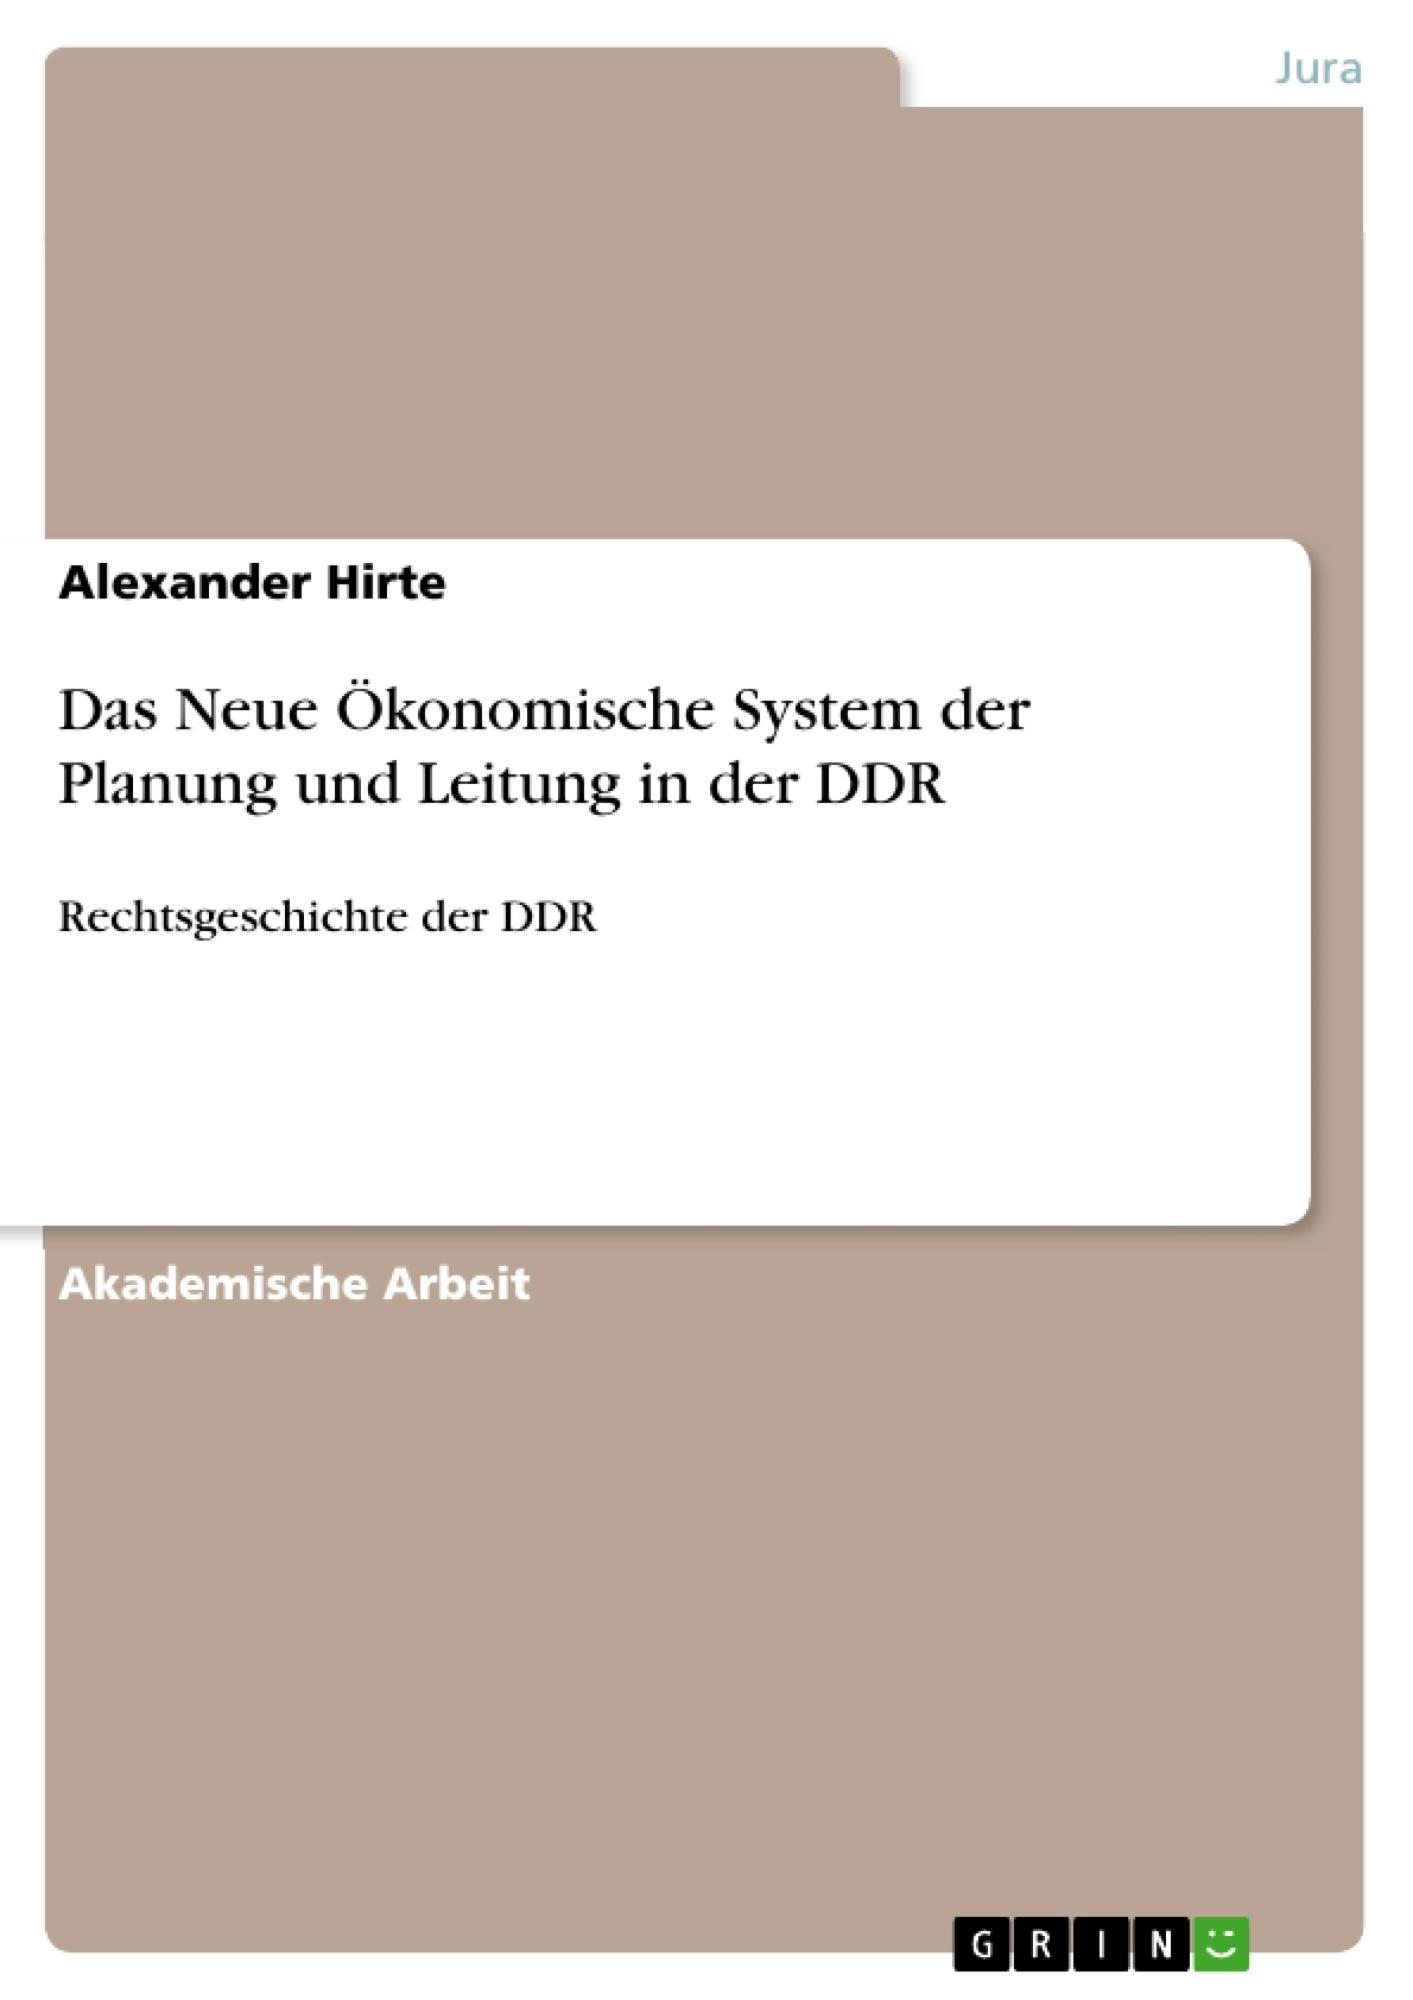 Titel: Das Neue Ökonomische System der Planung und Leitung in der DDR